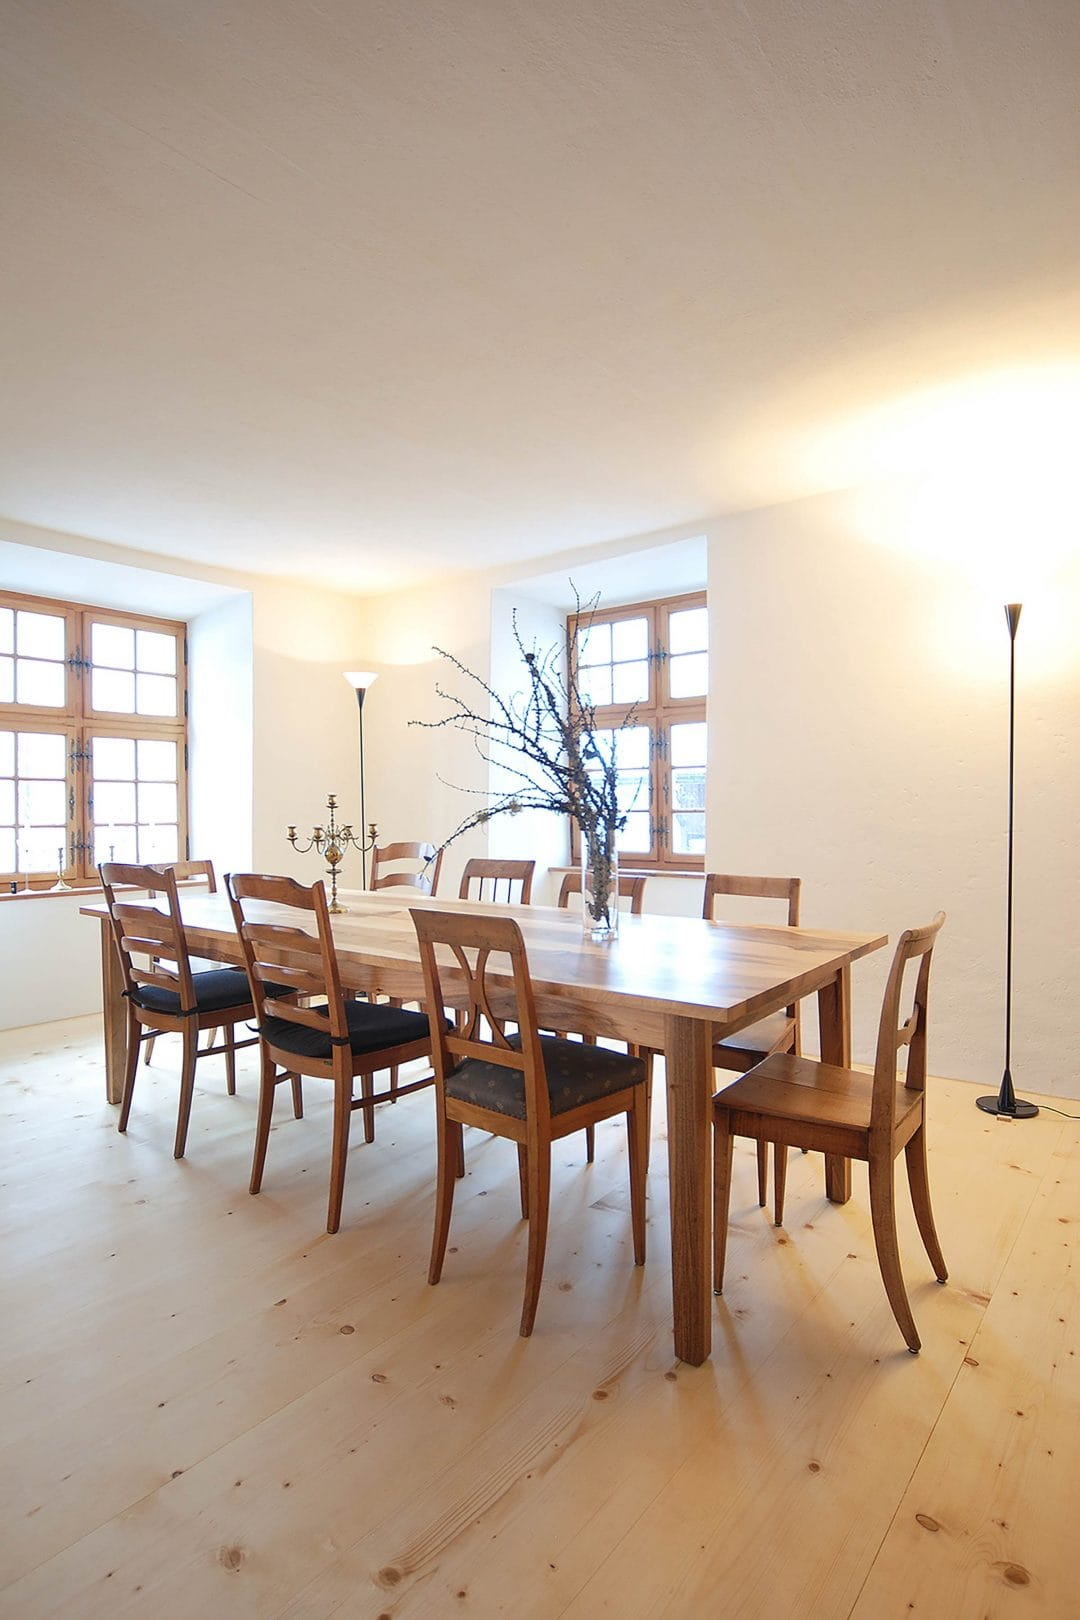 Odermatt Ideenschreinerei Wohnraum Tisch mit Stühlen